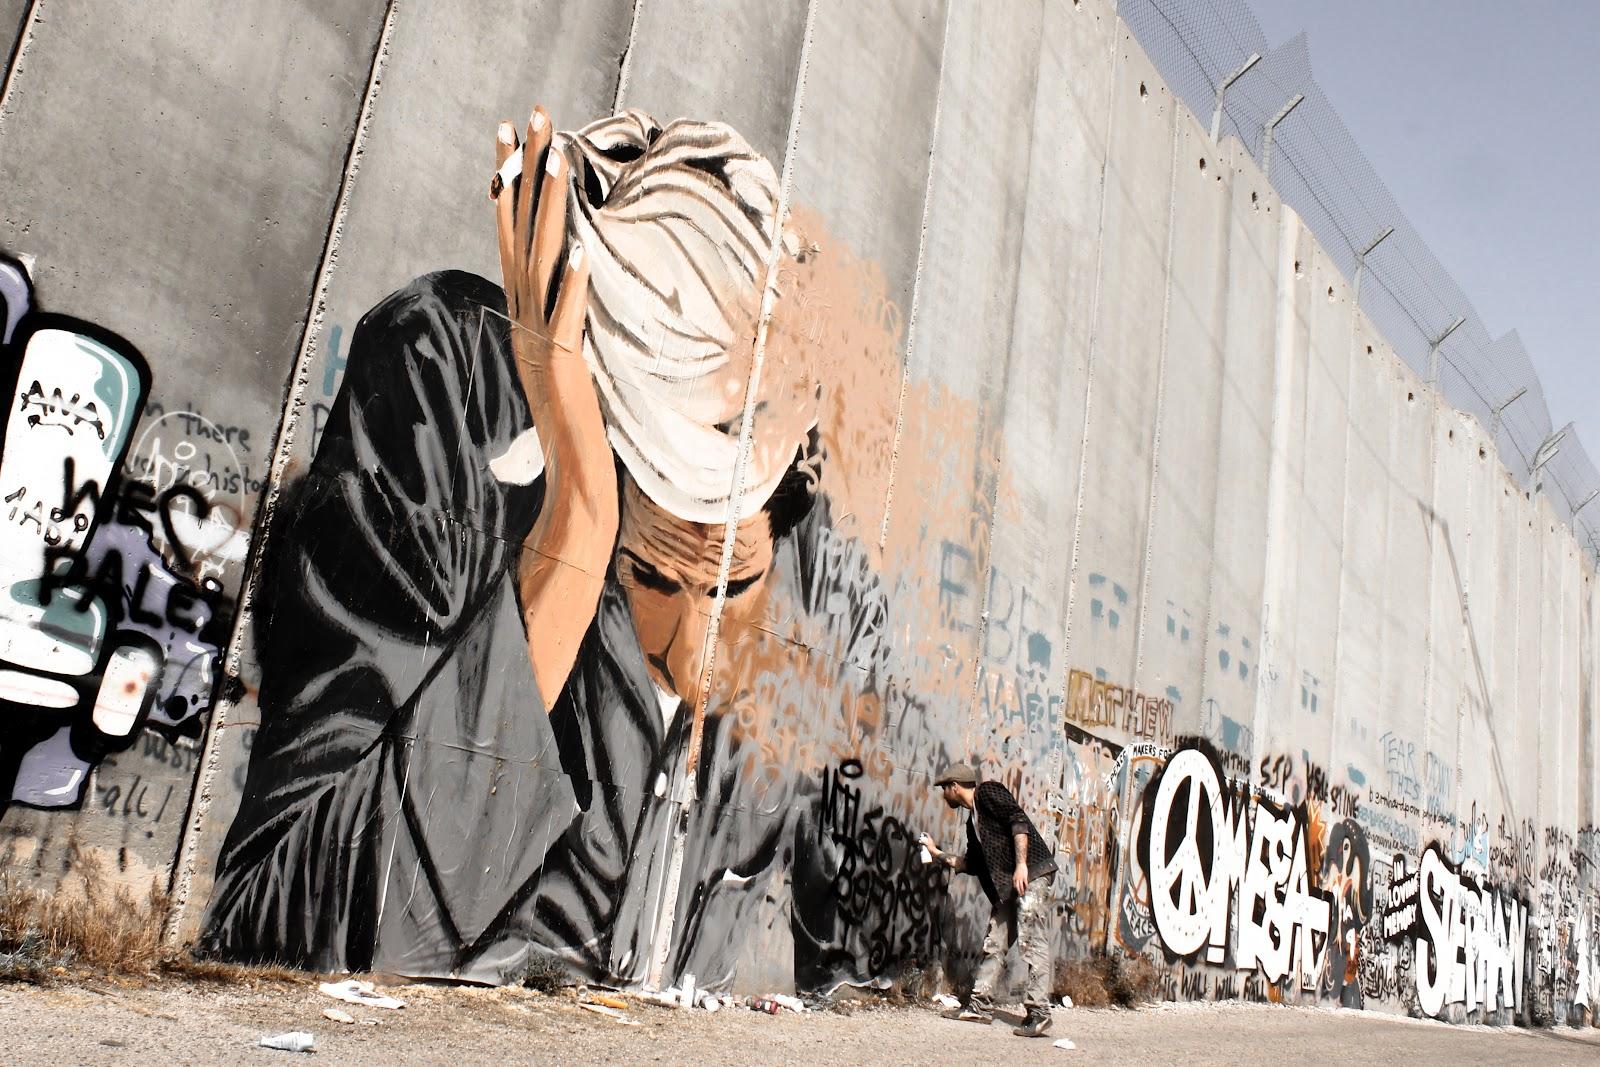 Uhintifada 200: Los muros de Apartheid en el mundo, desde los más altisonantes a los más olvidados